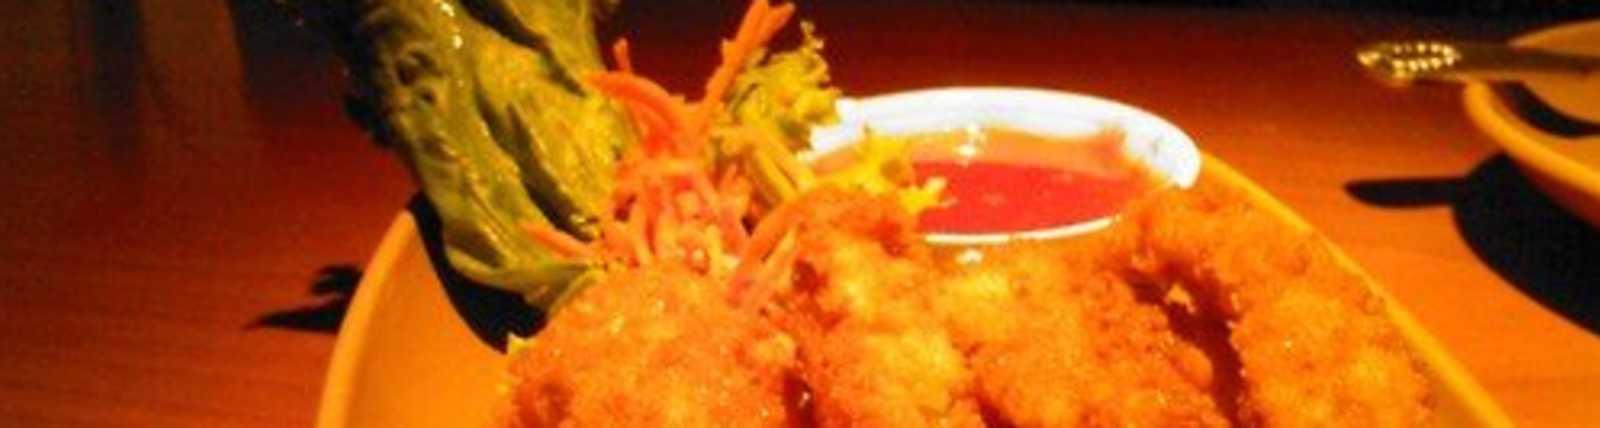 Mali_Thai_Cuisine-3.jpg